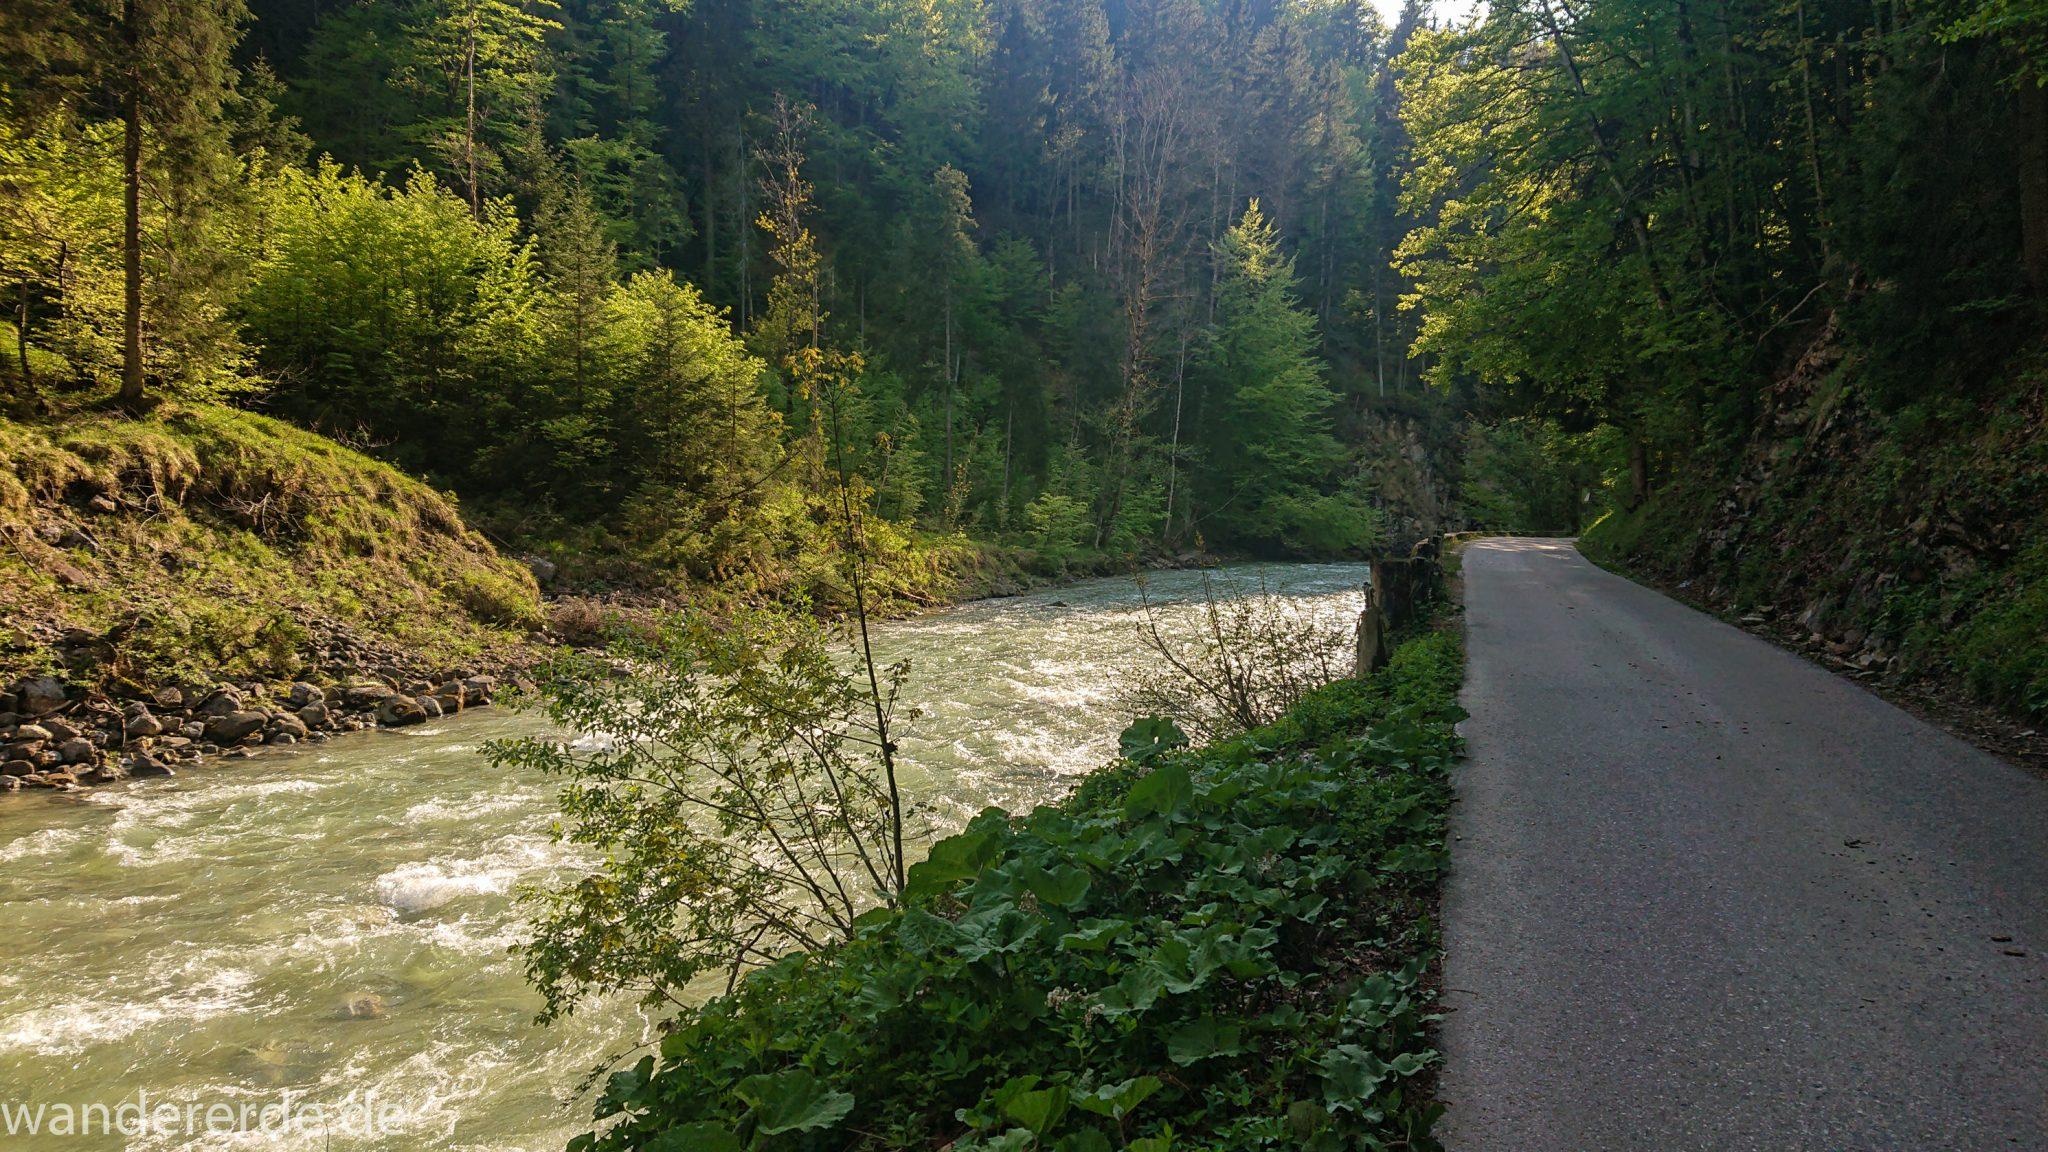 Wanderung zur Kenzenhütte in den Ammergauer Alpen, Frühjahr in den bayerischen Alpen, dichter grüner Wald, schöne Laubbäume, Wanderweg ist leider eine schmale Asphaltstraße, aber die Umgebung entschädigt, Verlauf des Weges entlang schönen, idyllischem Fluss Halblech, nach viel Regen sehr voller Fluss Halblech